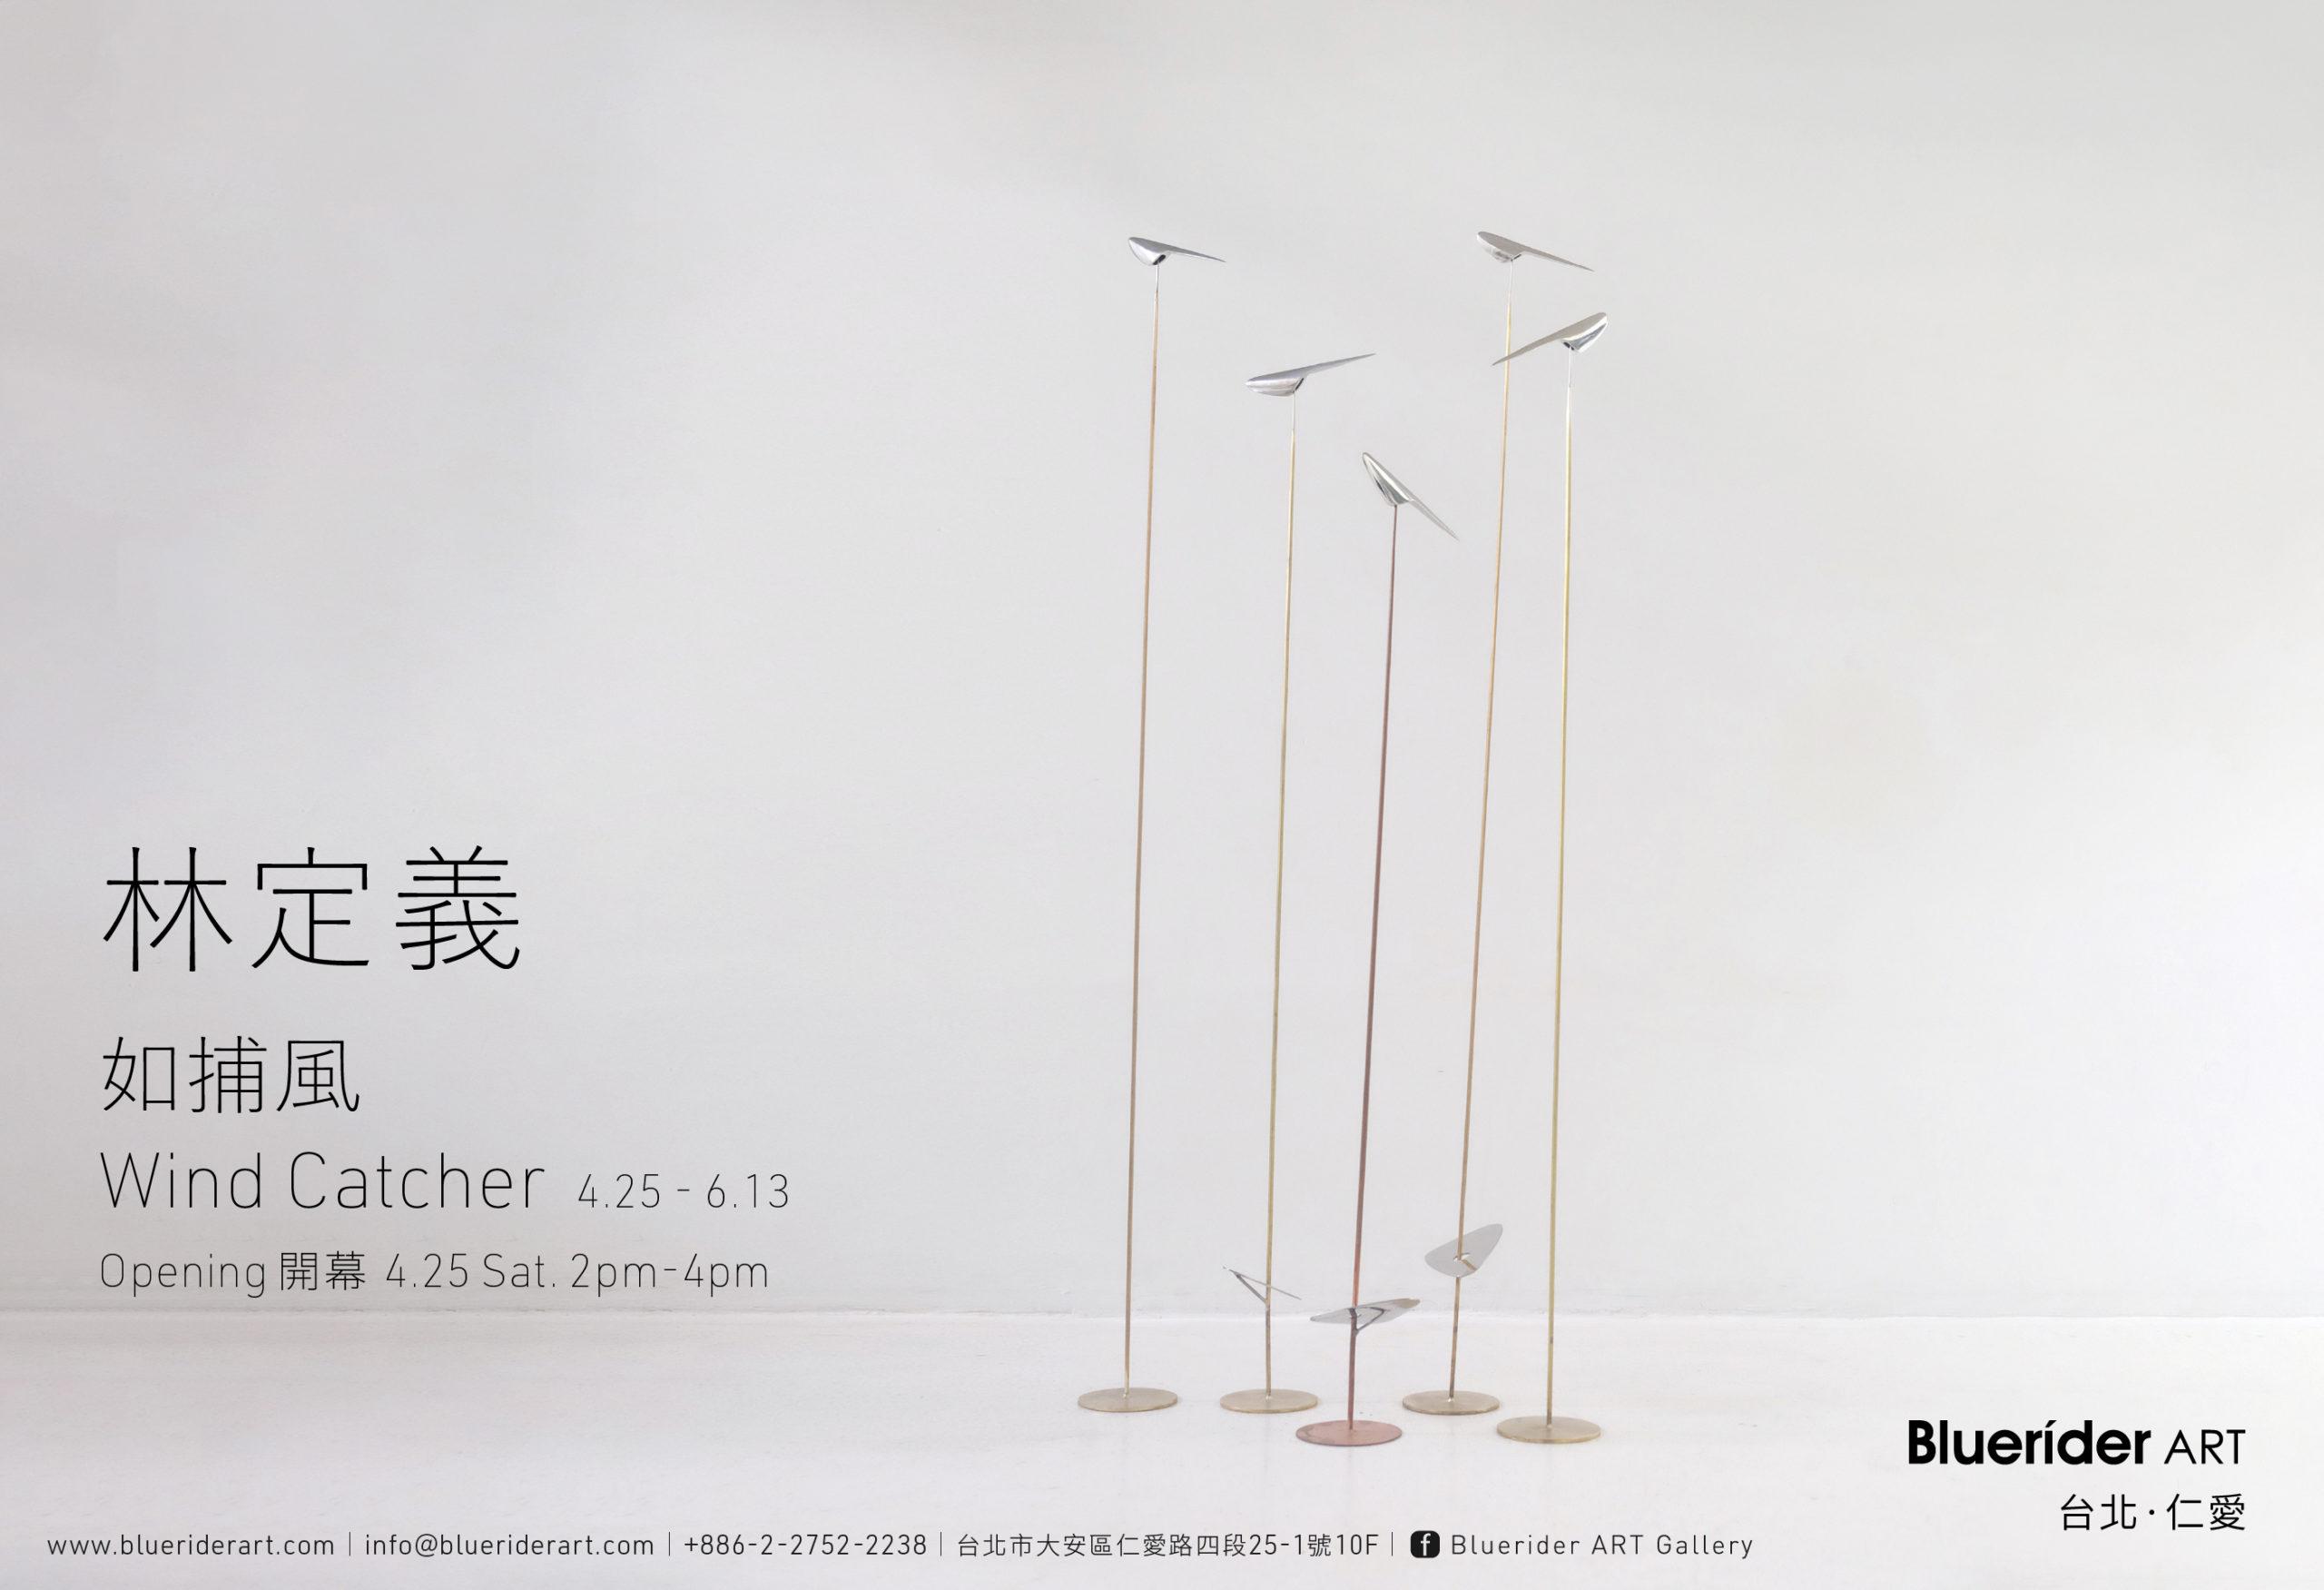 【台北·仁愛】 如捕風 Wind Catcher – Lin Dingyi 林定義 首個展  4.18 – 6.13,2020